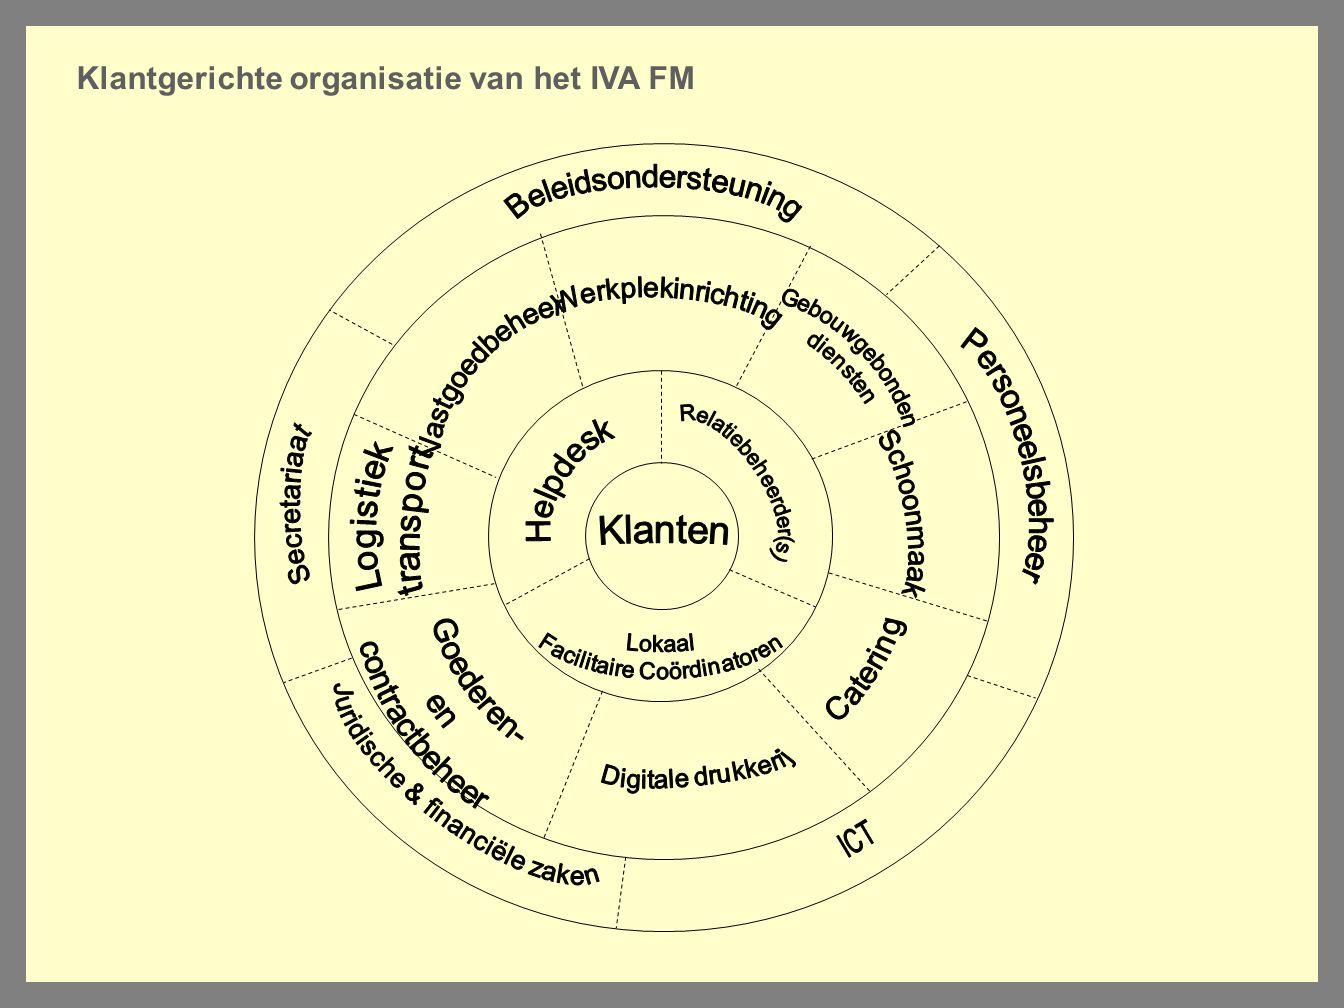 Klantgerichte organisatie van het IVA FM